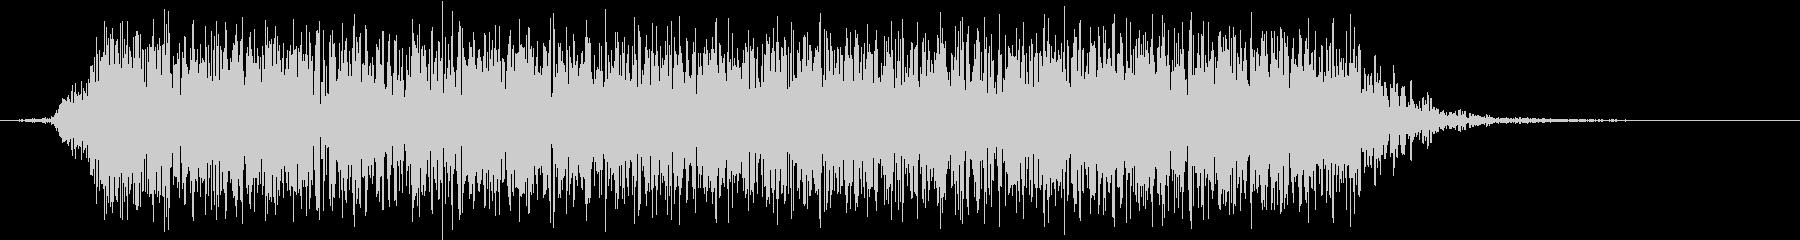 モンスター 悲鳴 41の未再生の波形